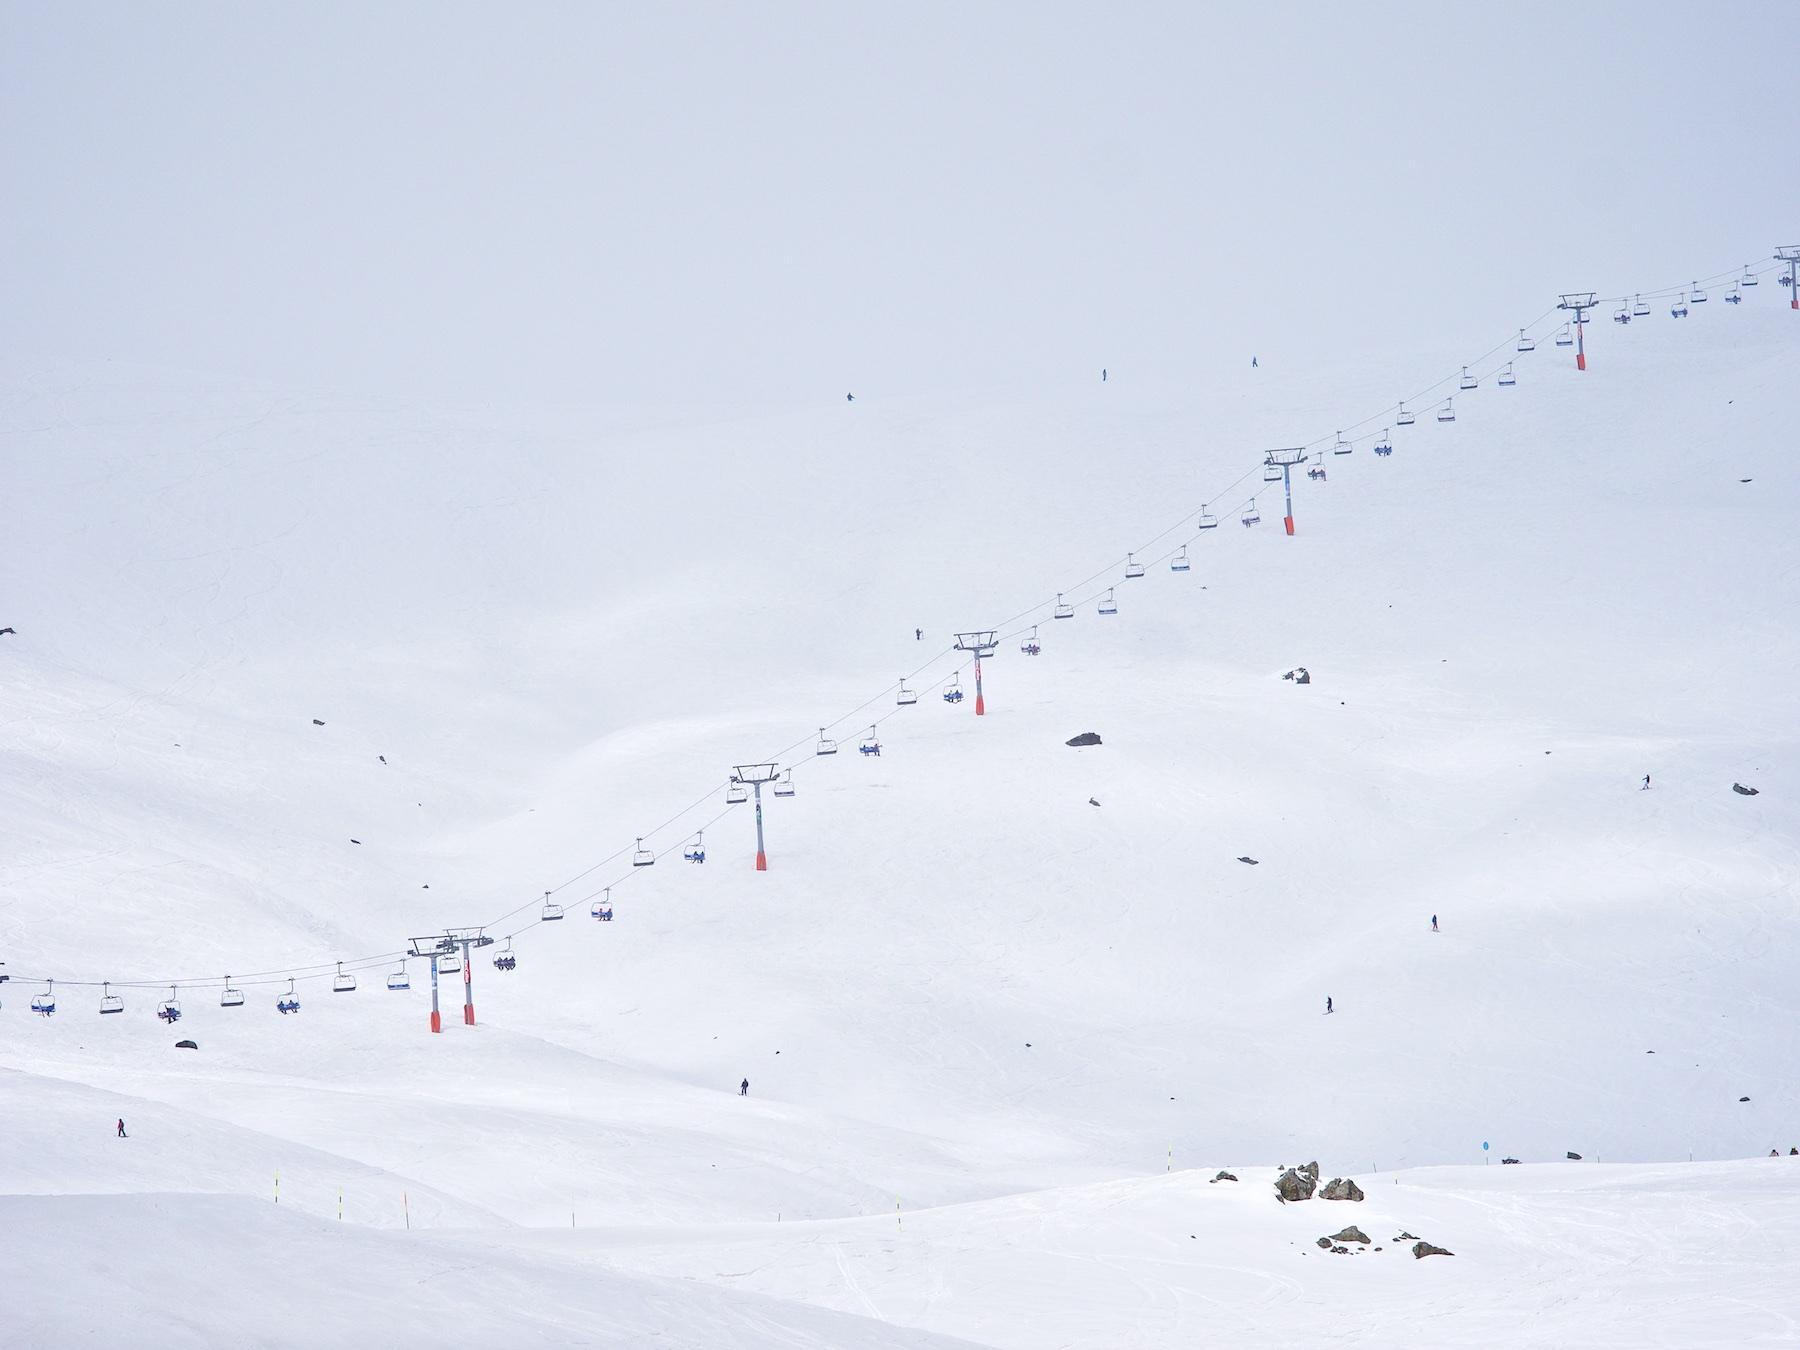 Gudauri Ski Slopes